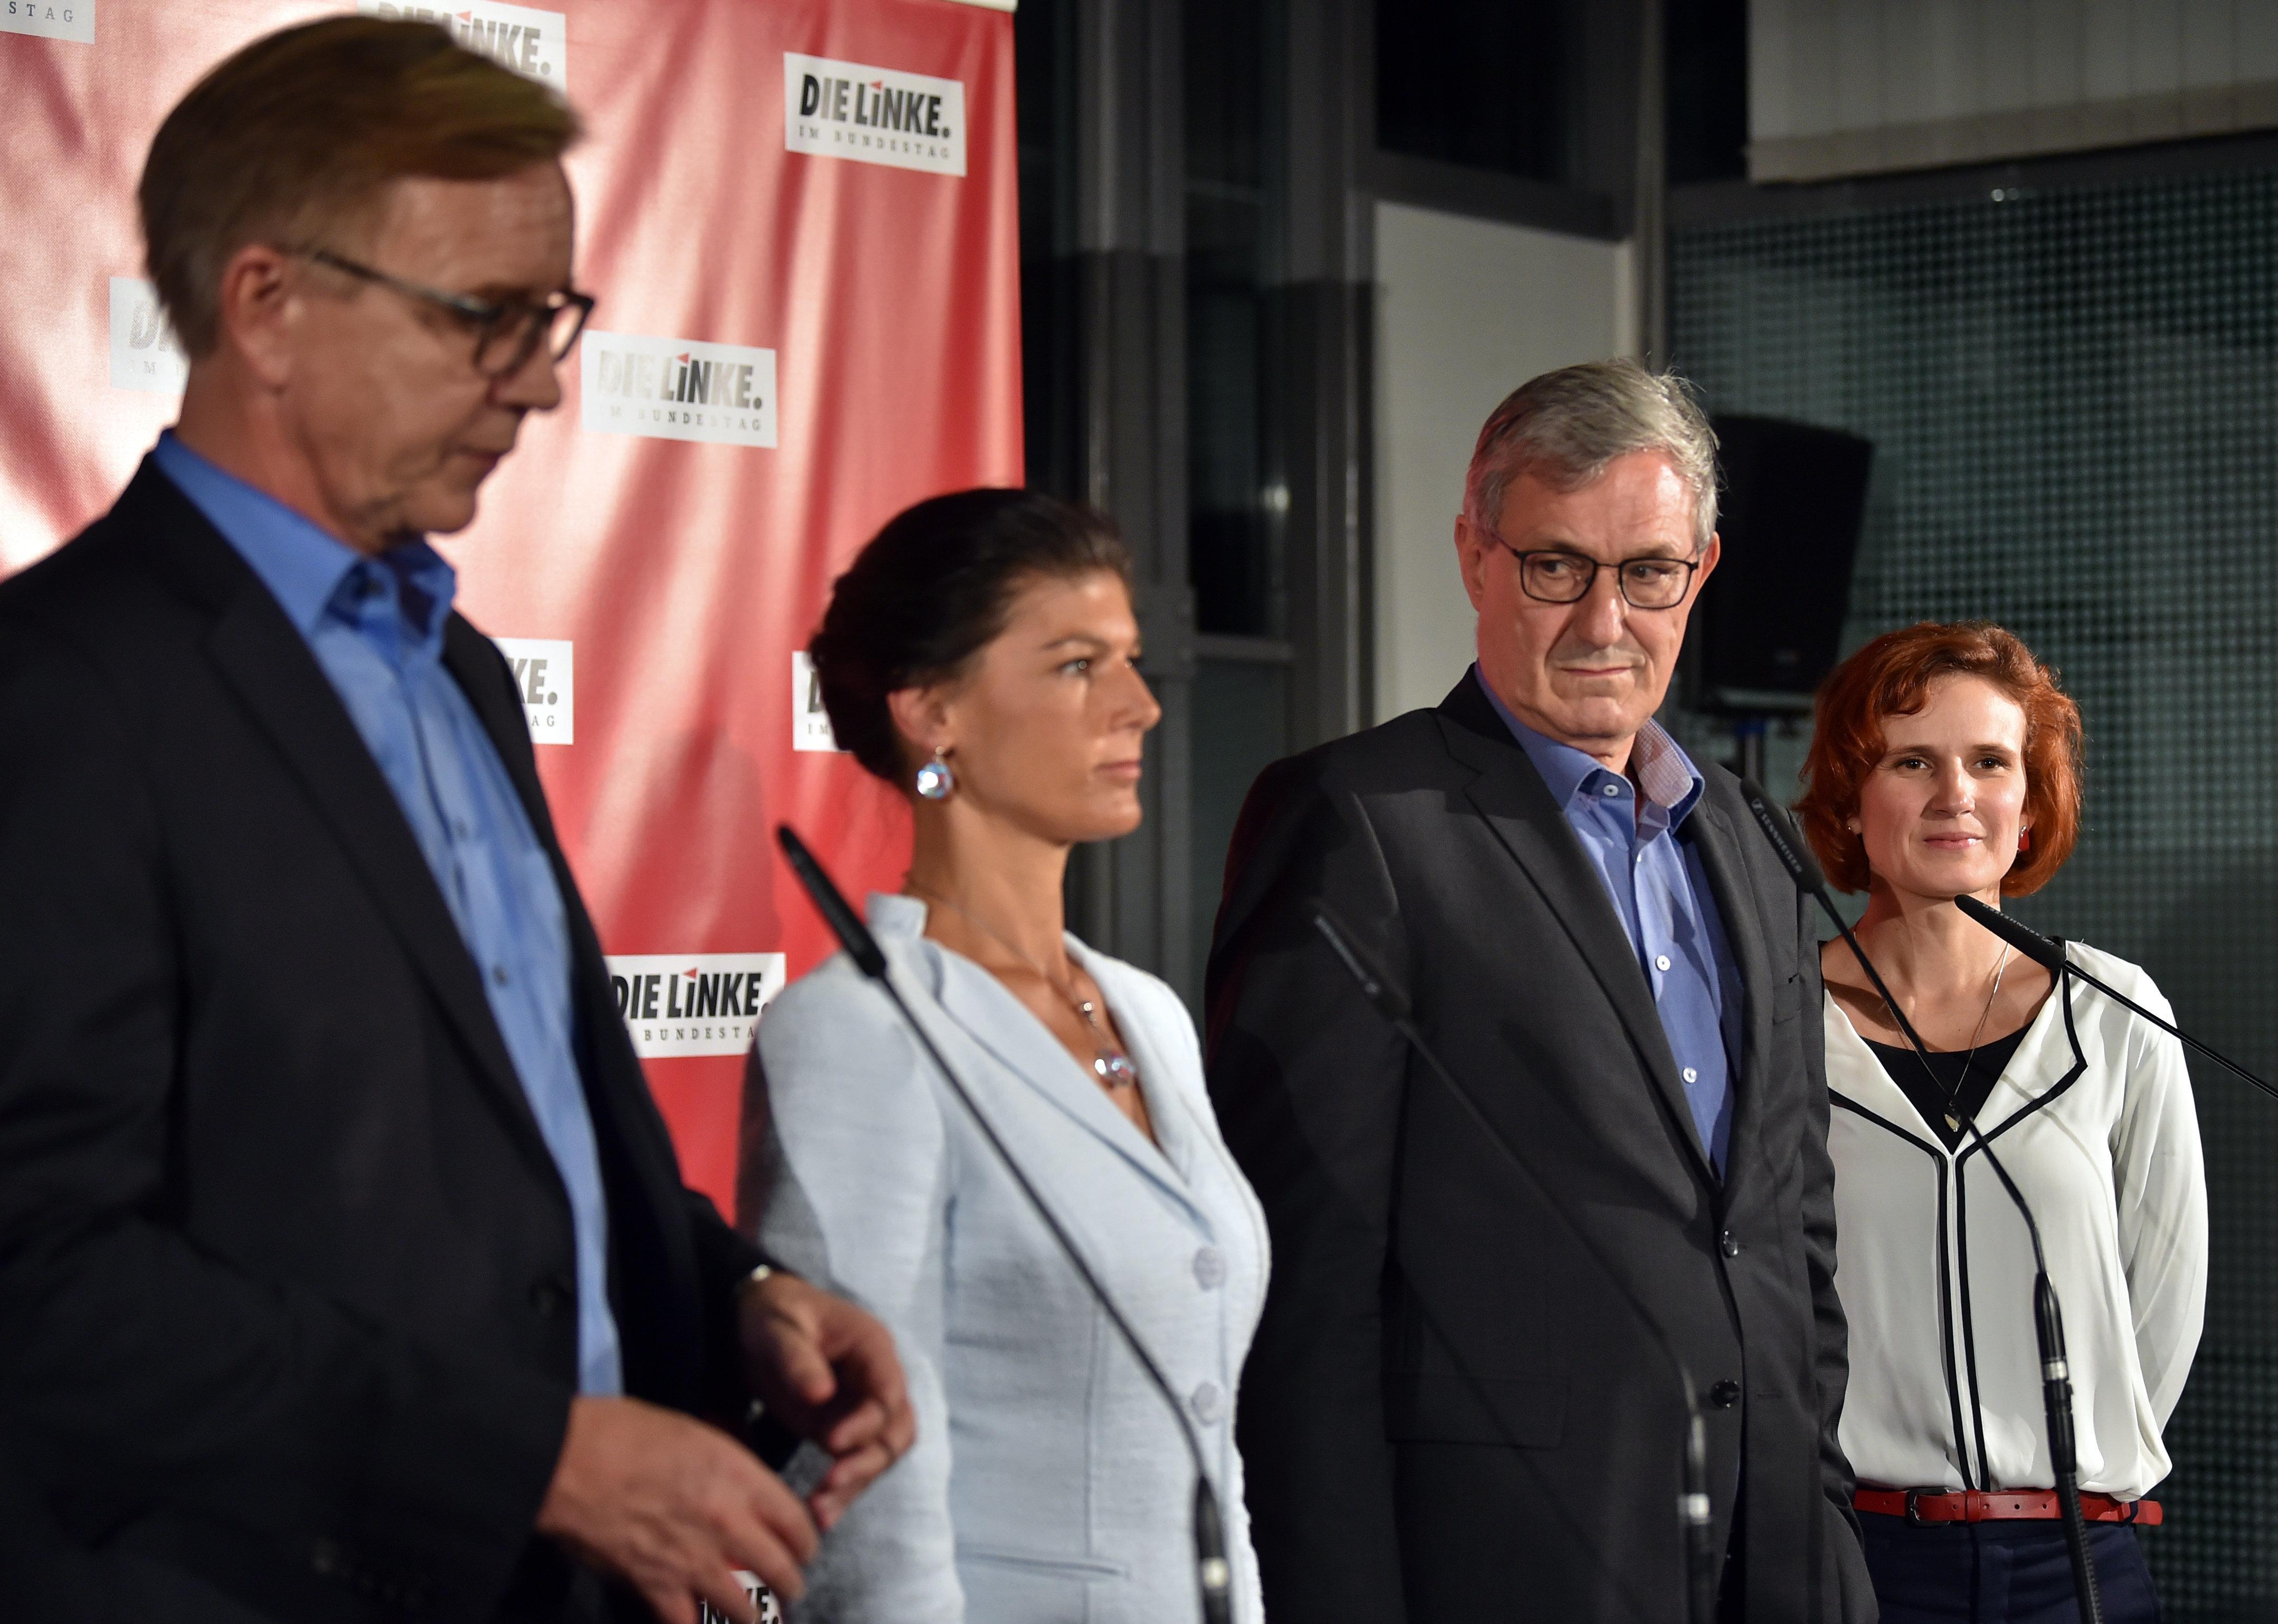 Führung der Linkspartei streitet weiter – diese Umfrage erhöht den